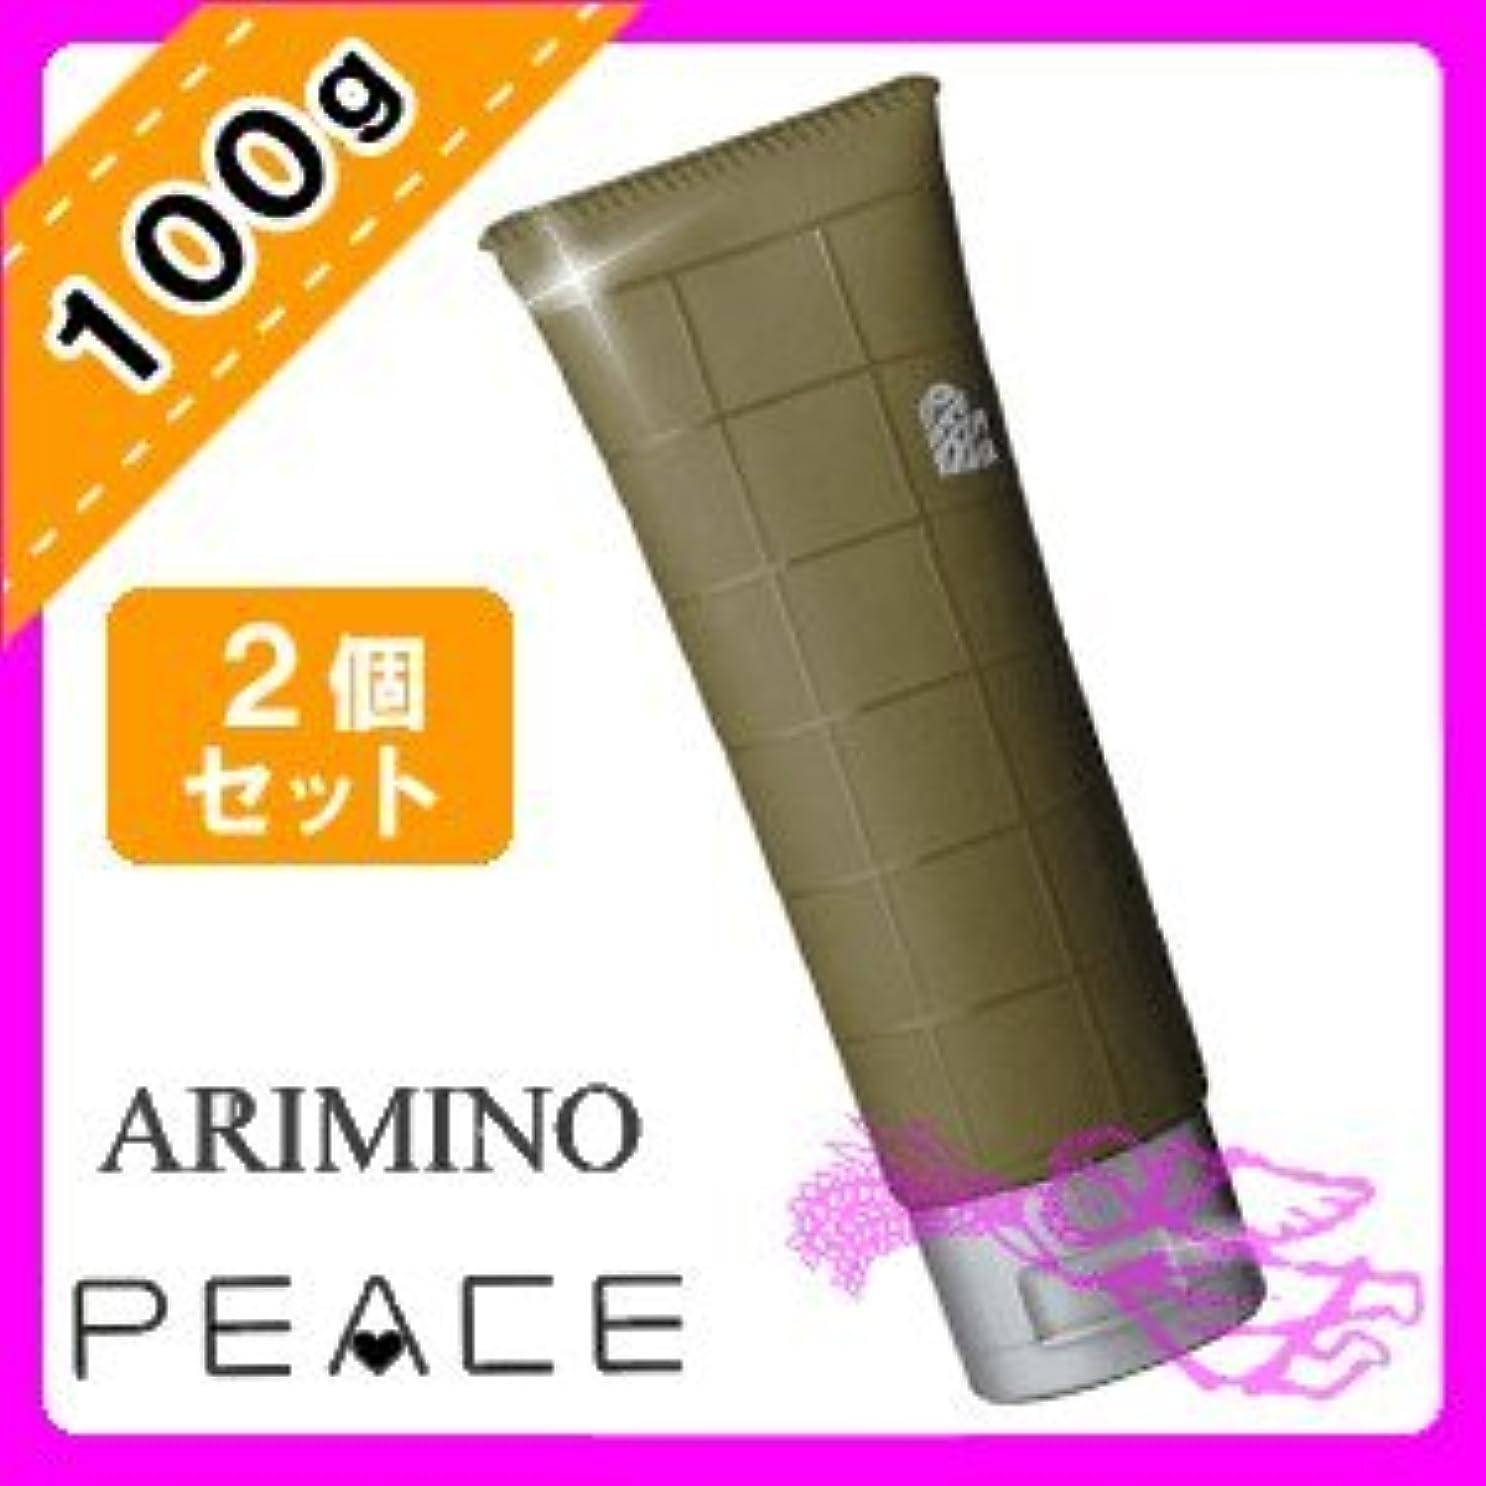 粉砕する縫い目呼吸アリミノ ピース ウェットオイル ワックス 100g ×2個セット arimino PEACE